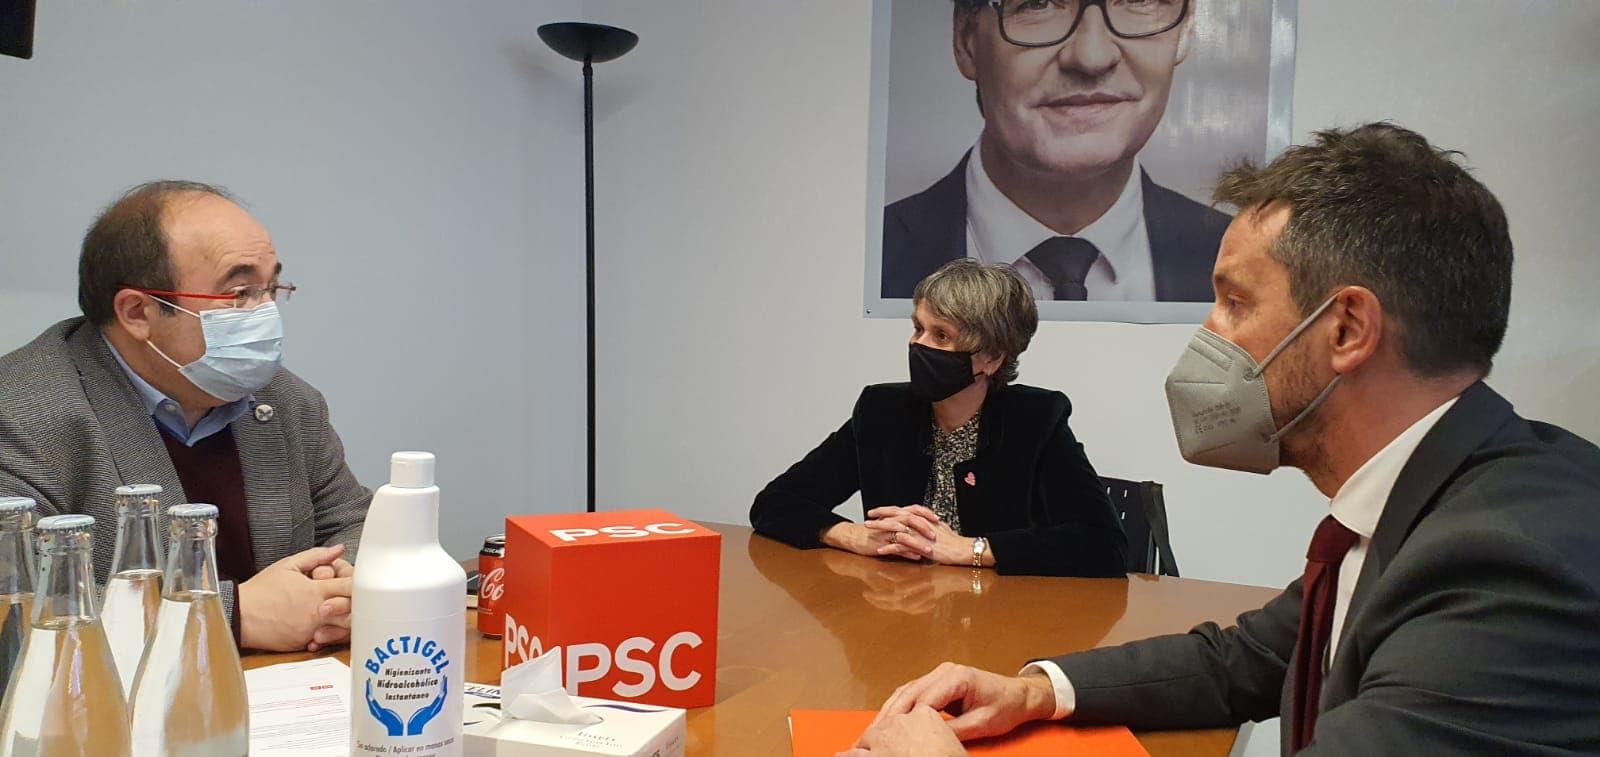 Les mesures per lluitar contra el frau fiscal proposades per Espanya centren la reunió entre el Ps i el ministre Iceta